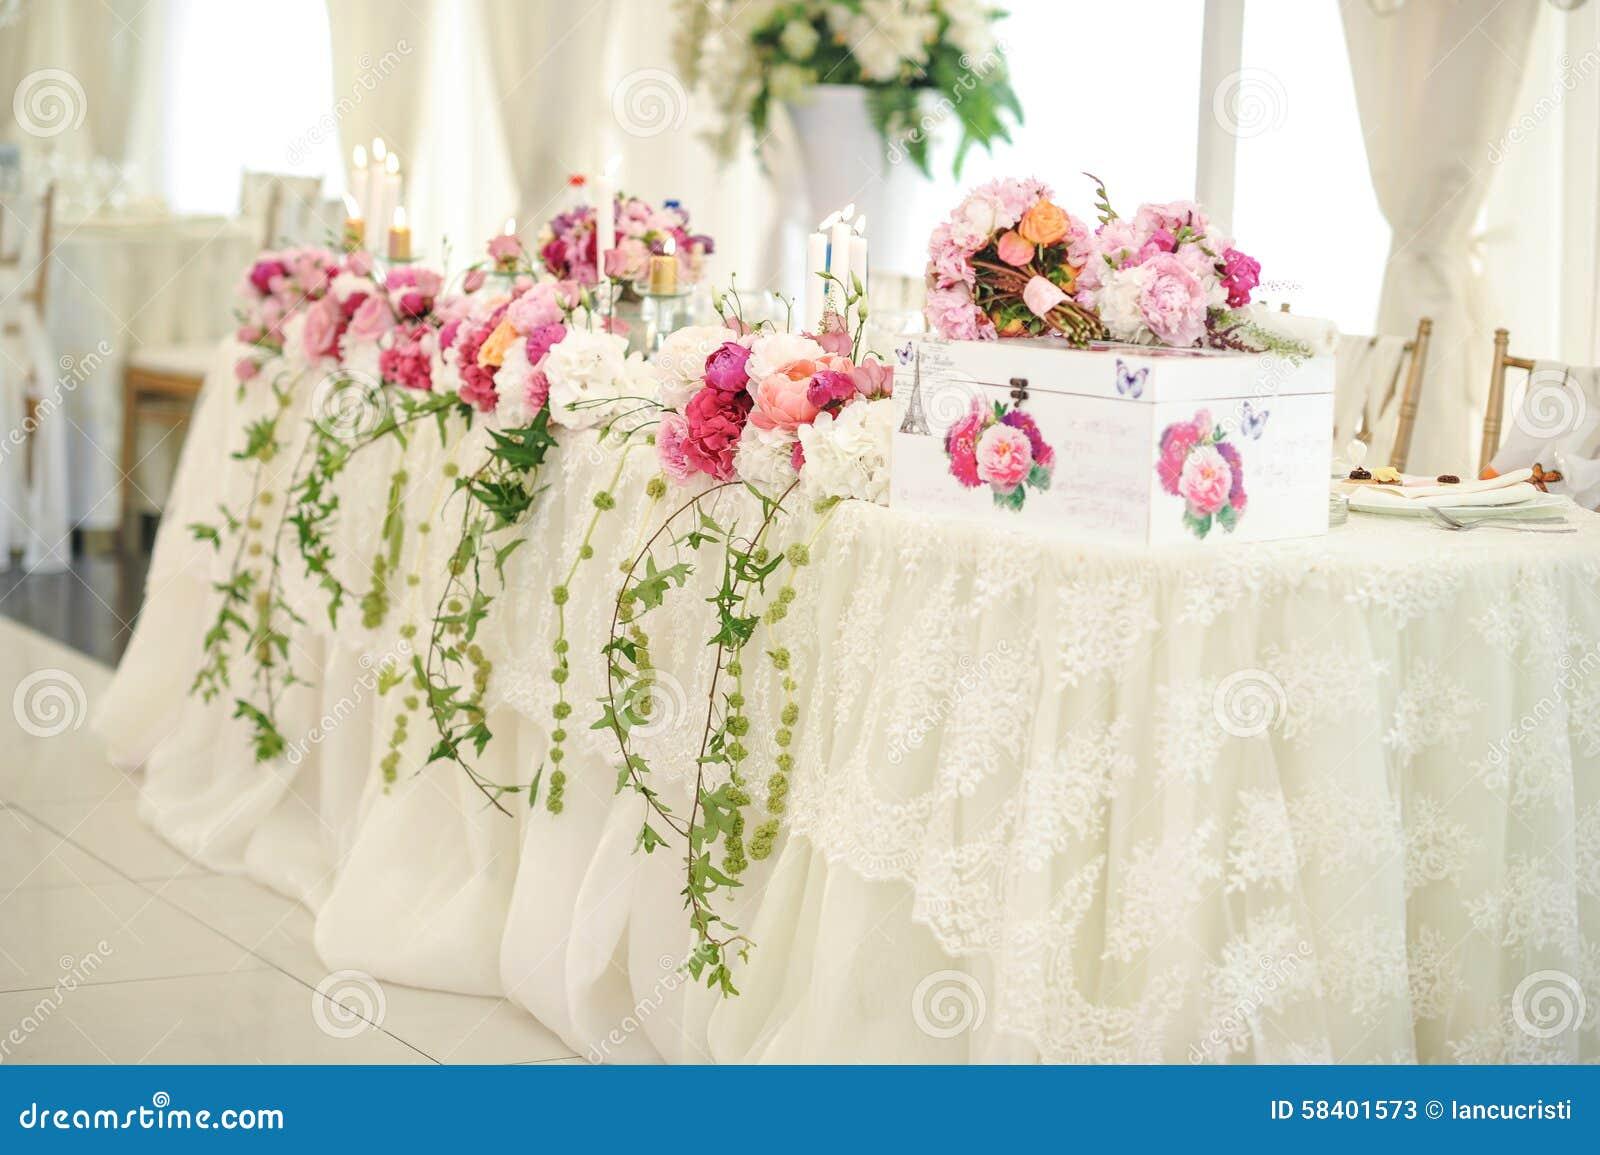 decoracin de la boda en la tabla arreglos florales y decoracin arreglo de flores rosadas y